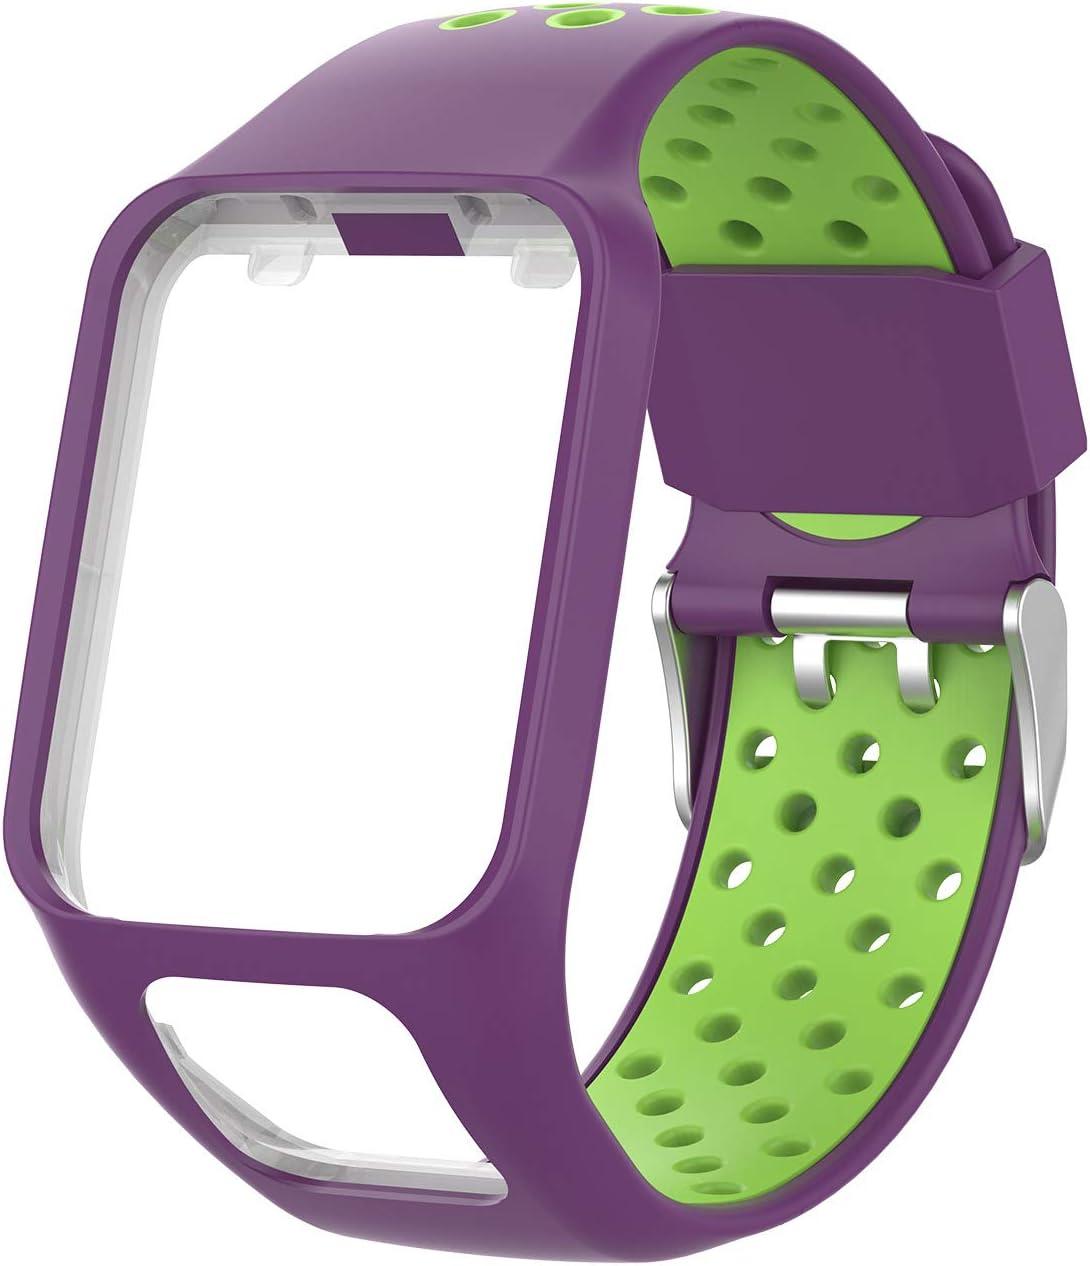 Noir/&Sarcelle Runner 3 MCO Bracelet Tomtom Adventurer Montre,Bracelet De Rechange en Silicone pour Tomtom Runner 2 Aventurier//Golfeur 2 Sports GPS Running Spark 3